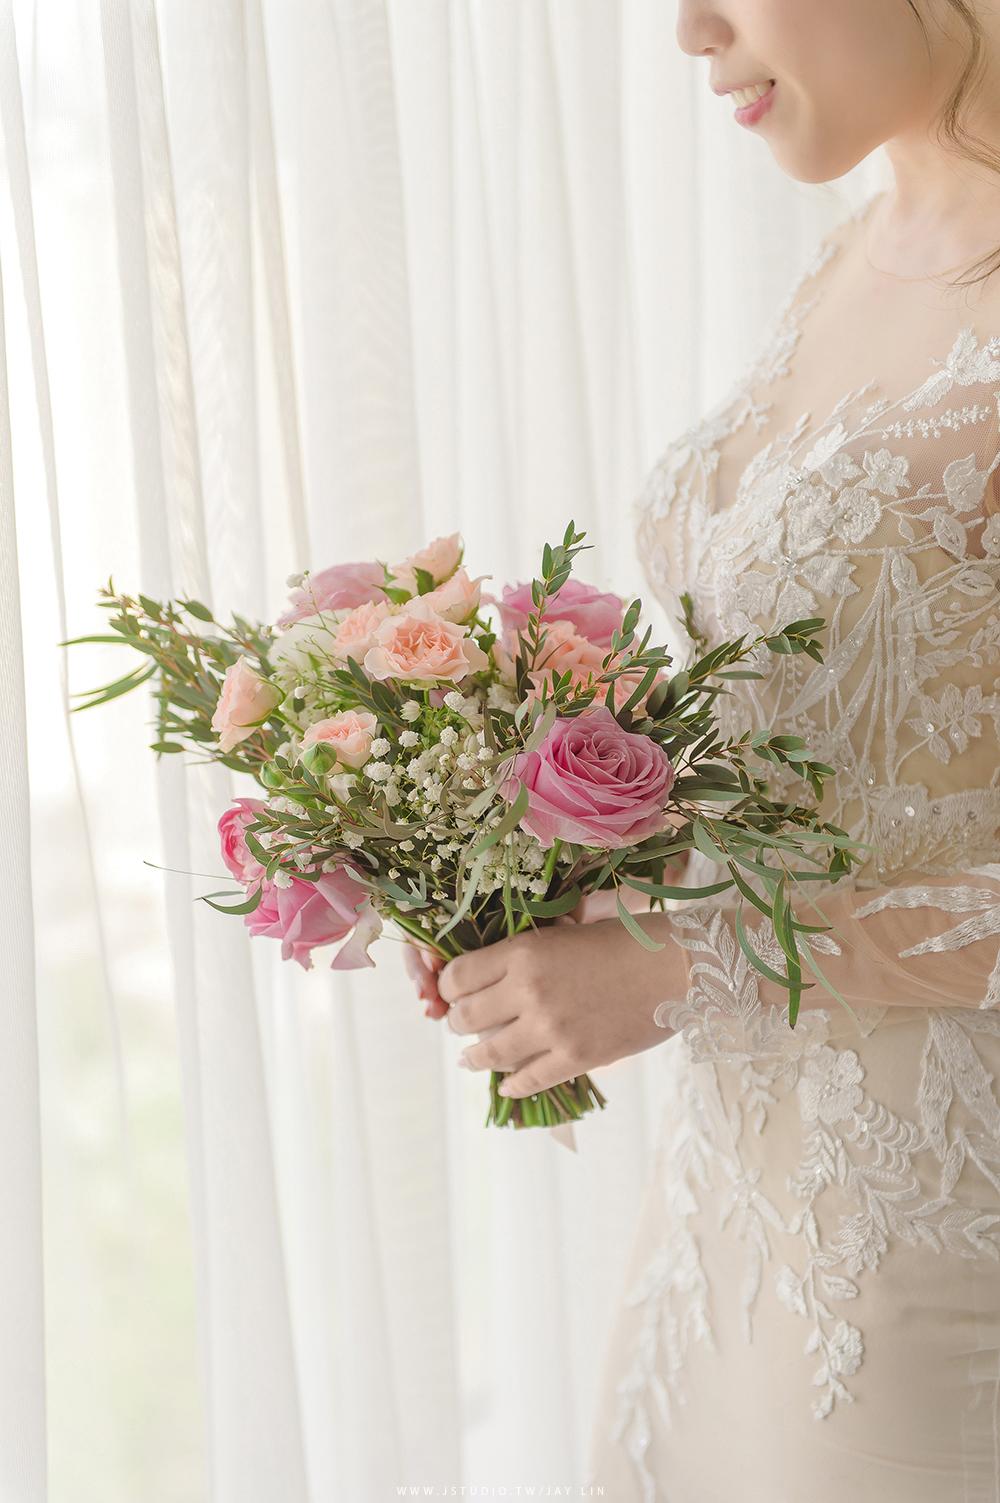 婚攝 台北婚攝 婚禮紀錄 婚攝 推薦婚攝 世貿三三 JSTUDIO_0023